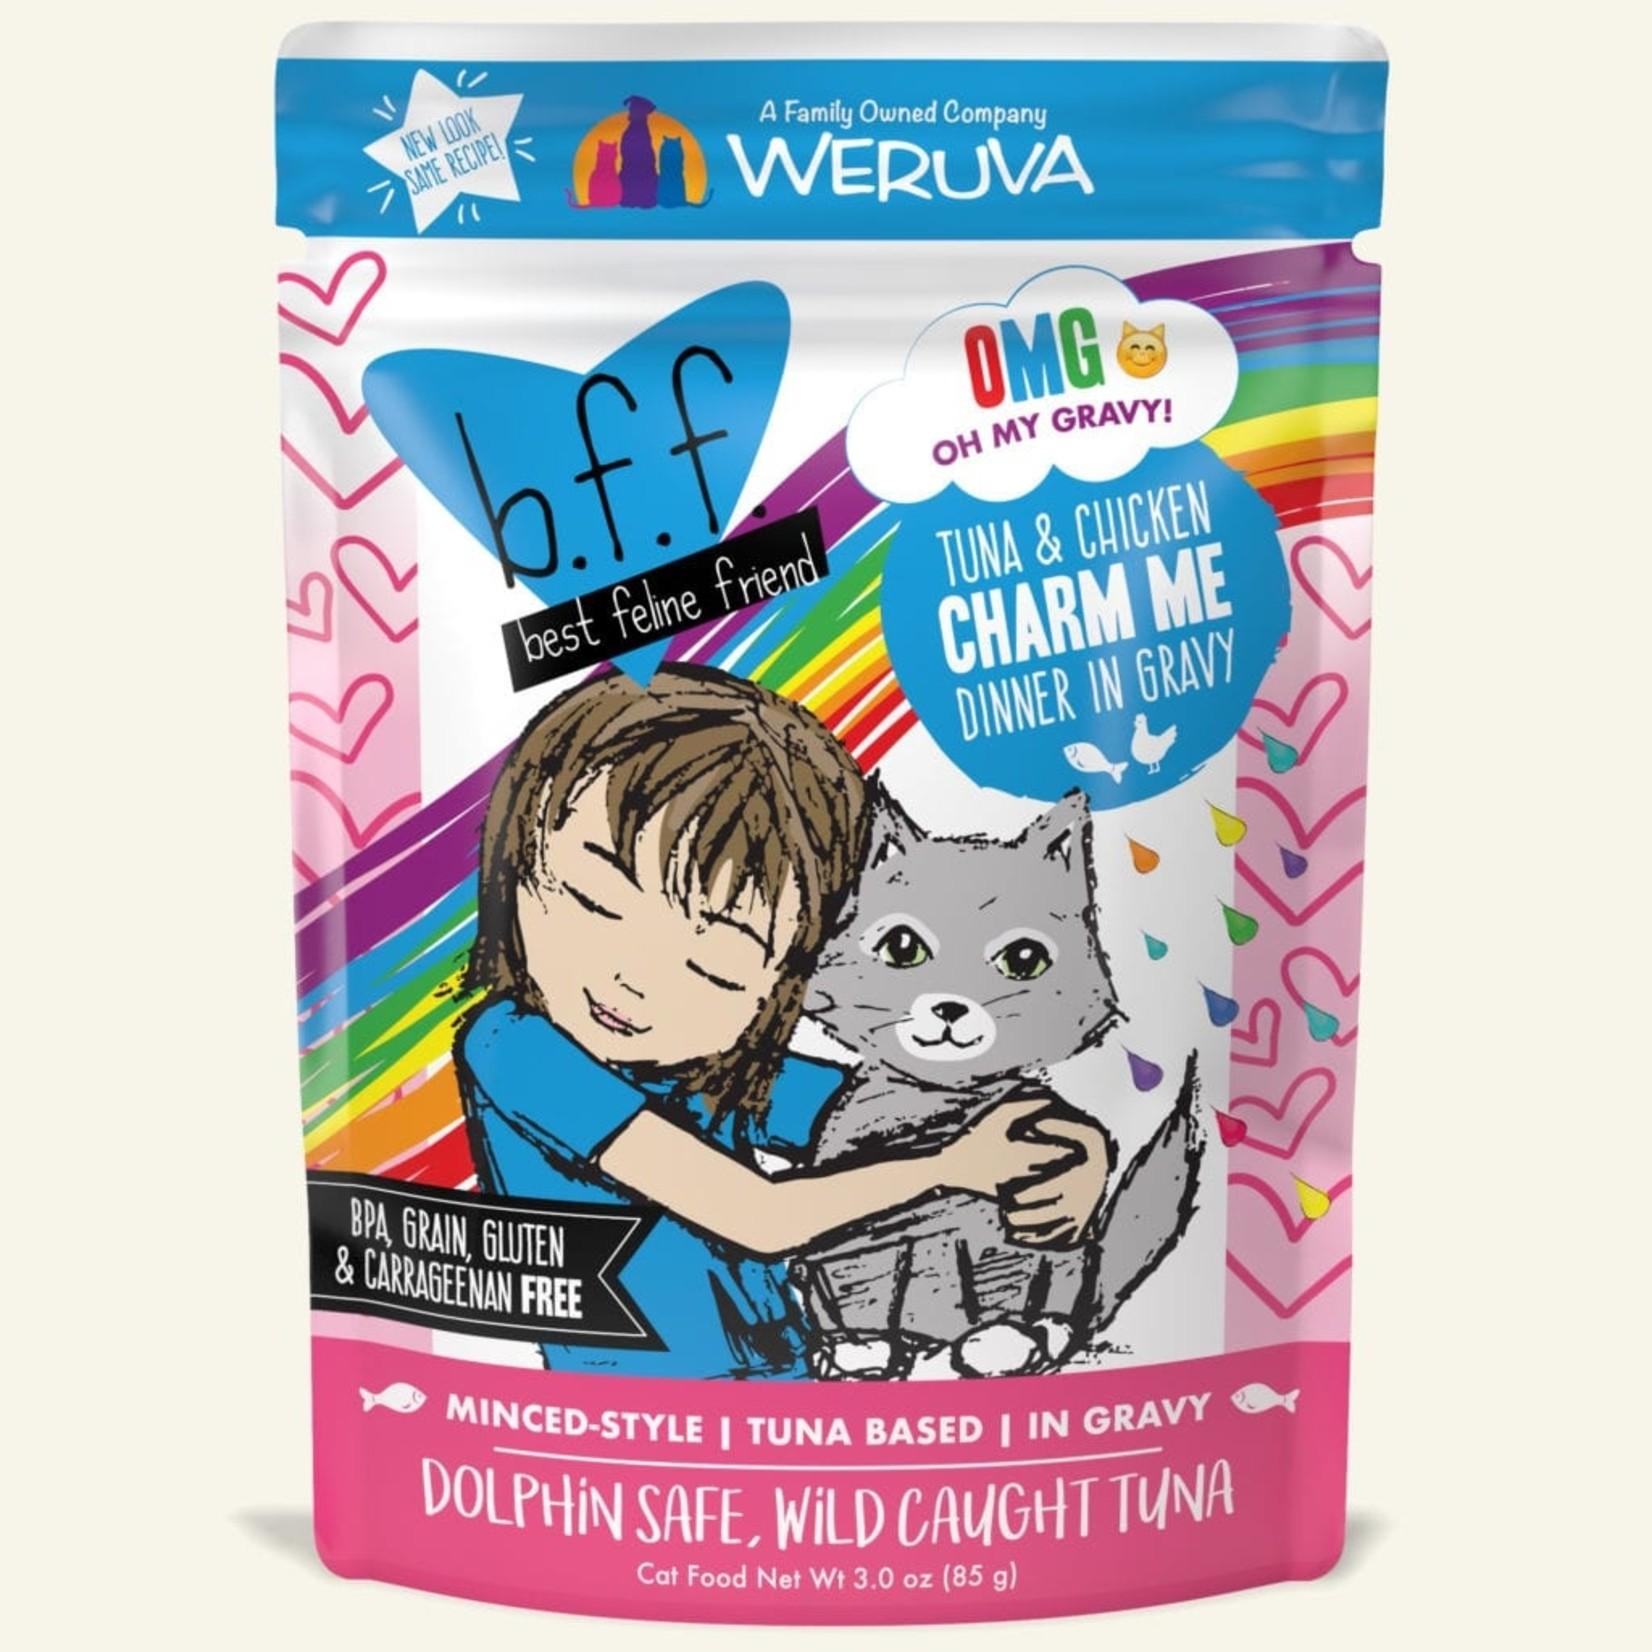 Weruva Weruva Best Feline Friends Tuna & Chicken in gravy 3 oz